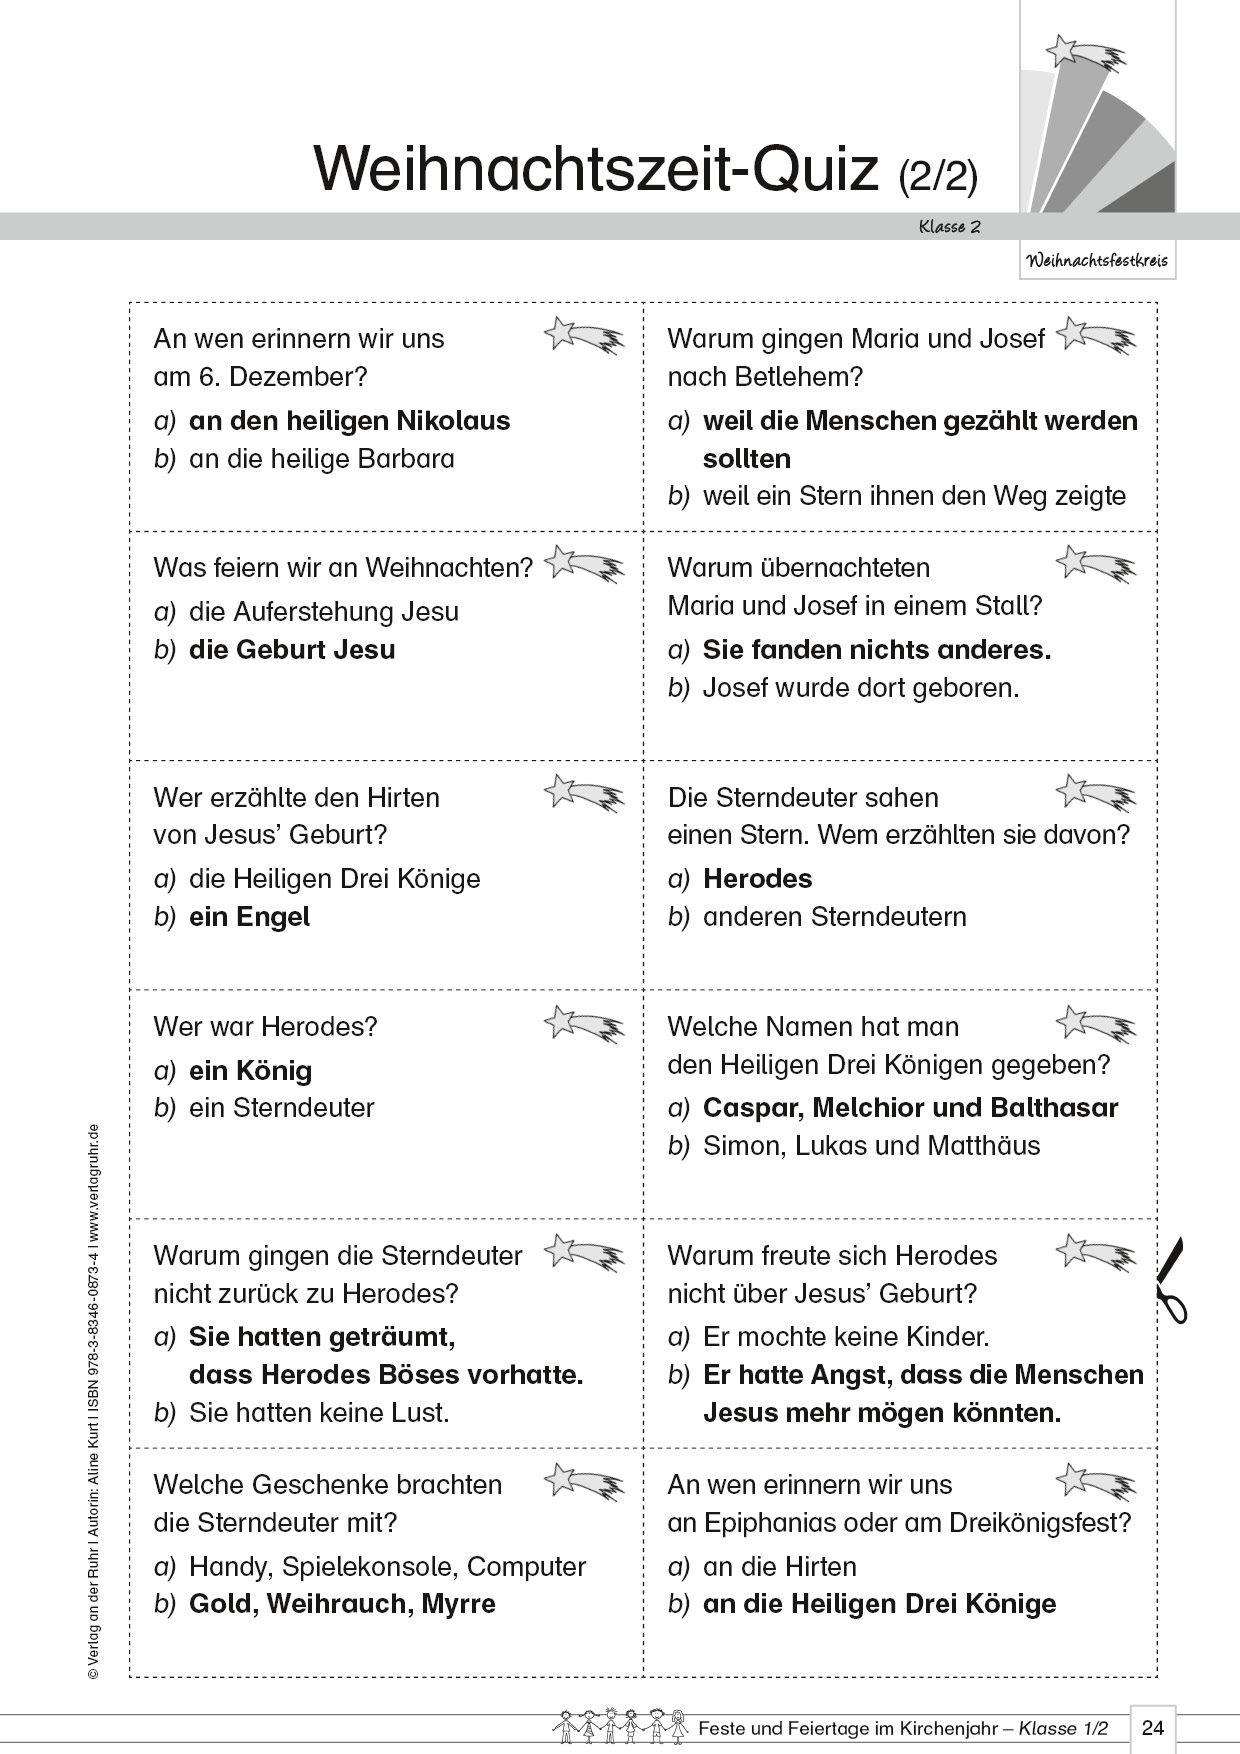 Pin by Verlag an der Ruhr on Winter & Weihnachten | Pinterest | Teacher